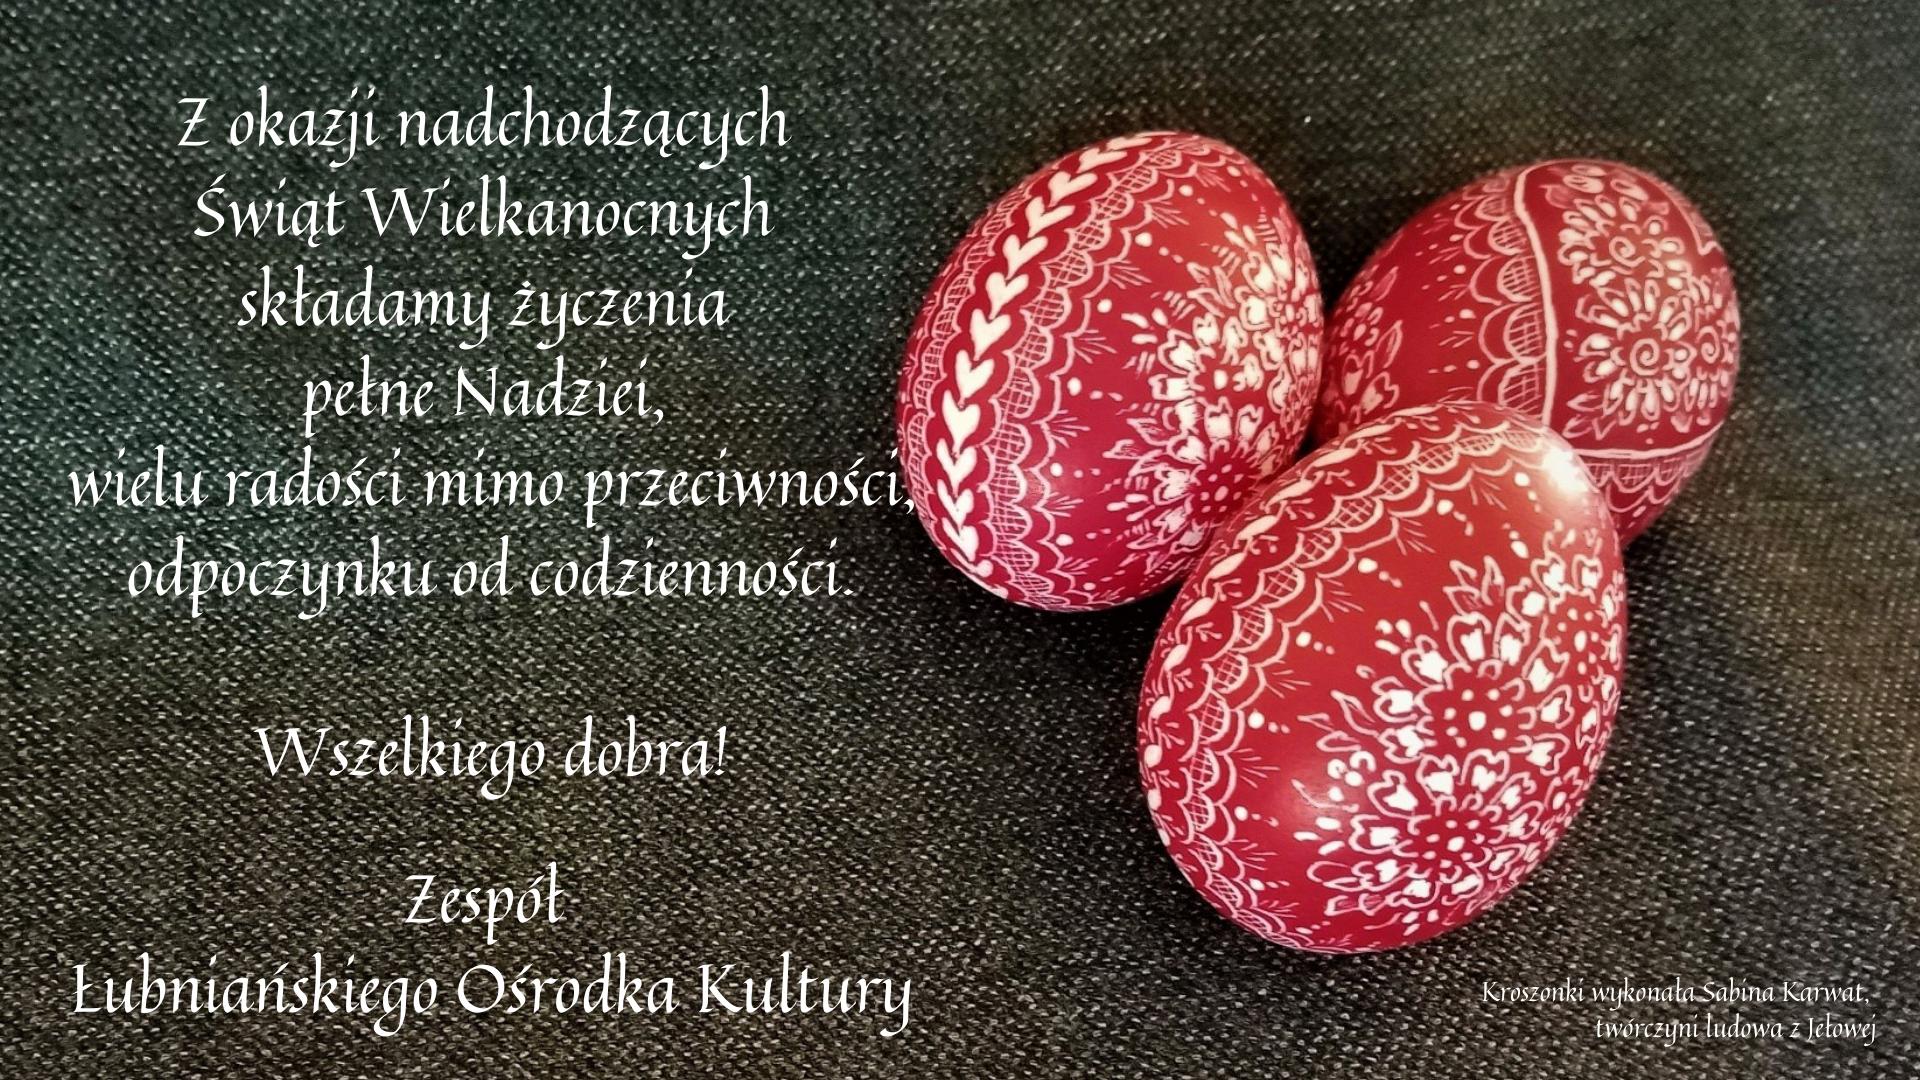 Z okazji nadchodzących Świąt Wielkanocnych składamy życzenia pełne Nadziei, wielu radości mimo przeciwności, odpoczynku od codzienności. Wszelkiego dobra! Zespół Łubniańskiego Ośrodka Kultury